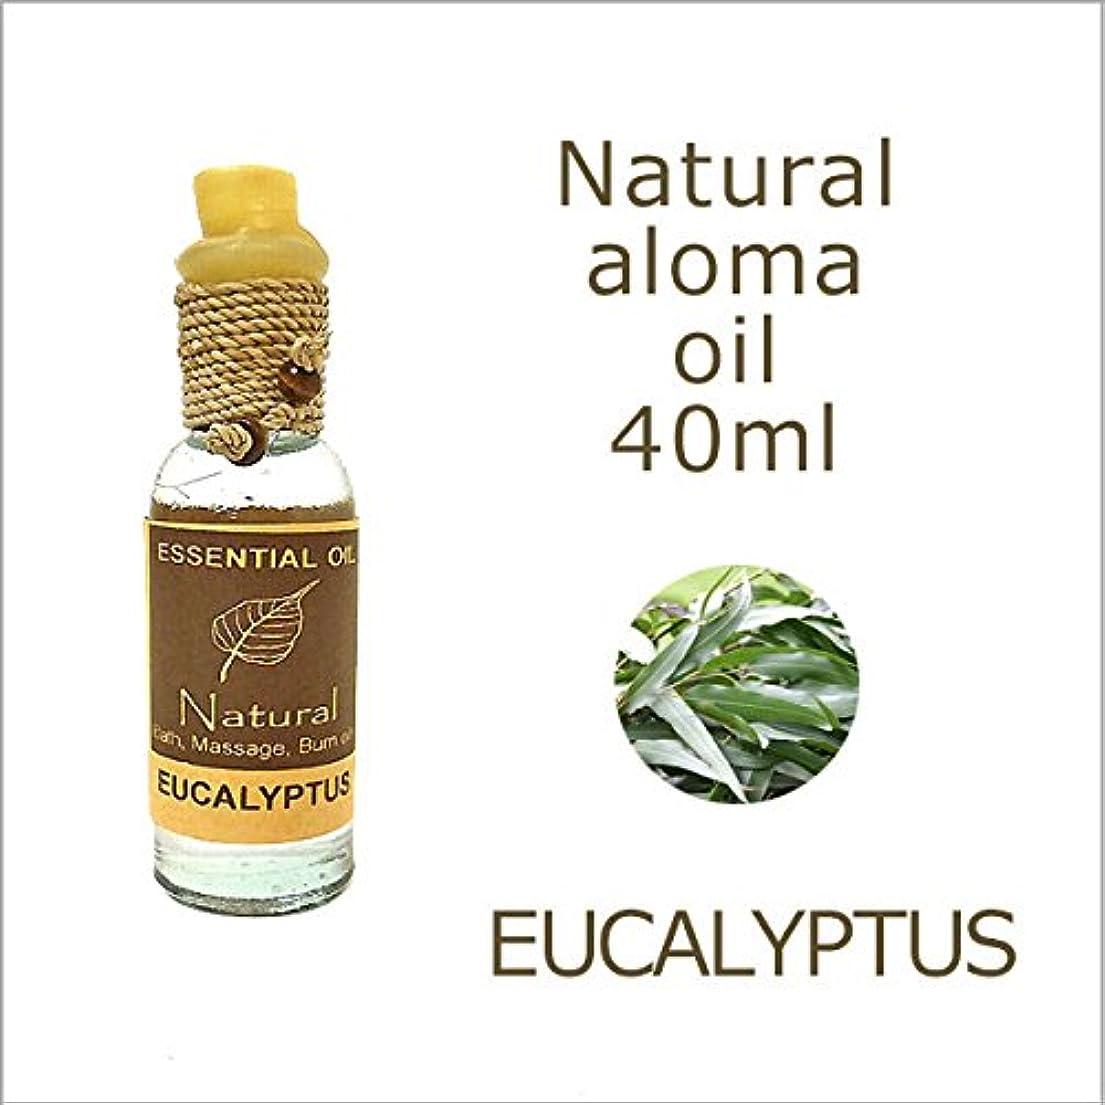 に同意するラフビーチユーカリ Eucalyptusアロマオイル40ml マッサージオイル アジアン 雑貨 バリ 雑貨 タイ 雑貨 アジアン インテリア 花粉 対策 並行輸入品